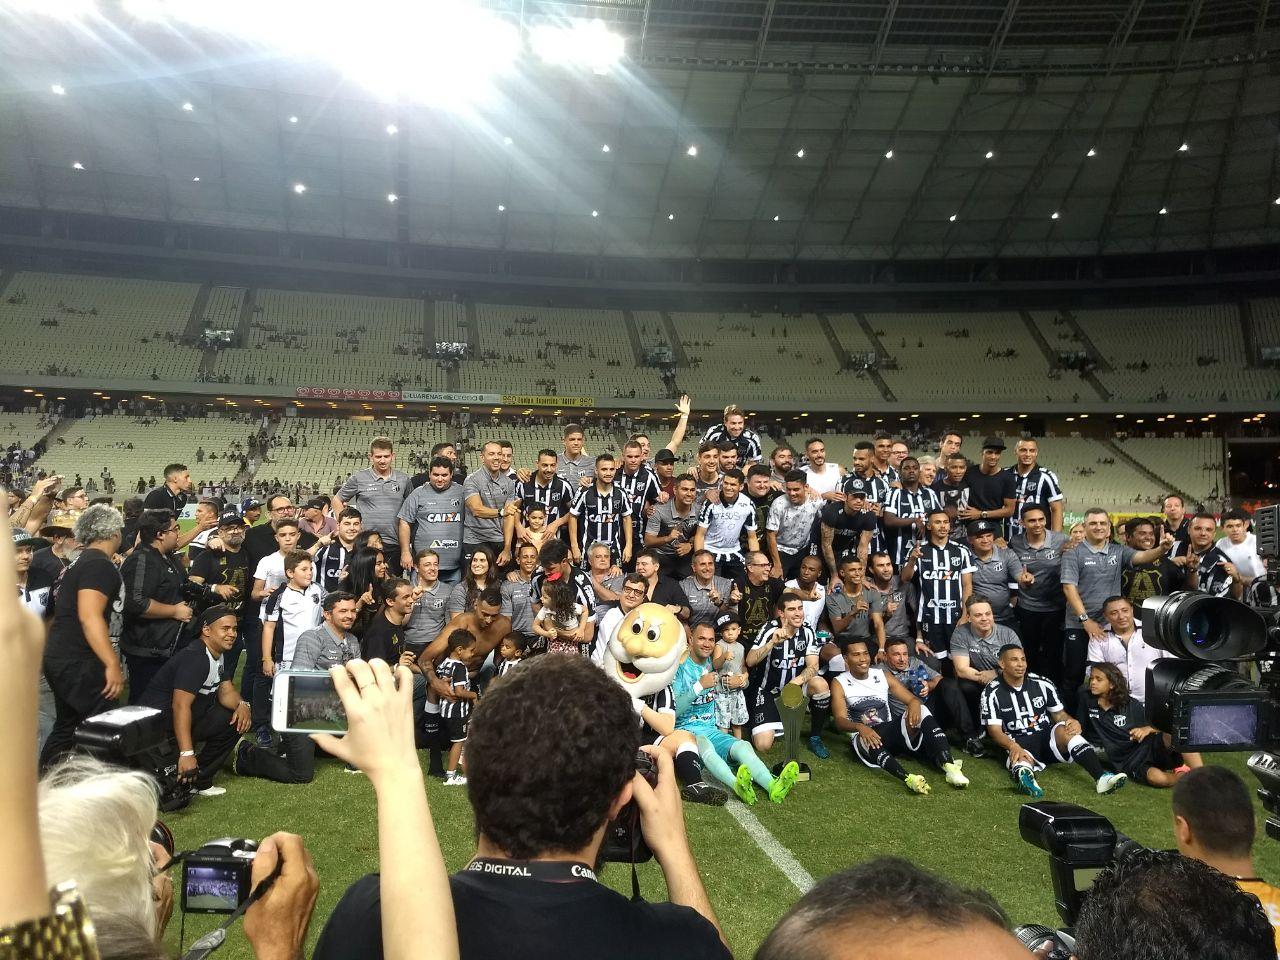 Torcida alvinegra lotou a Arena para comemorar o acesso do Ceará à Série A